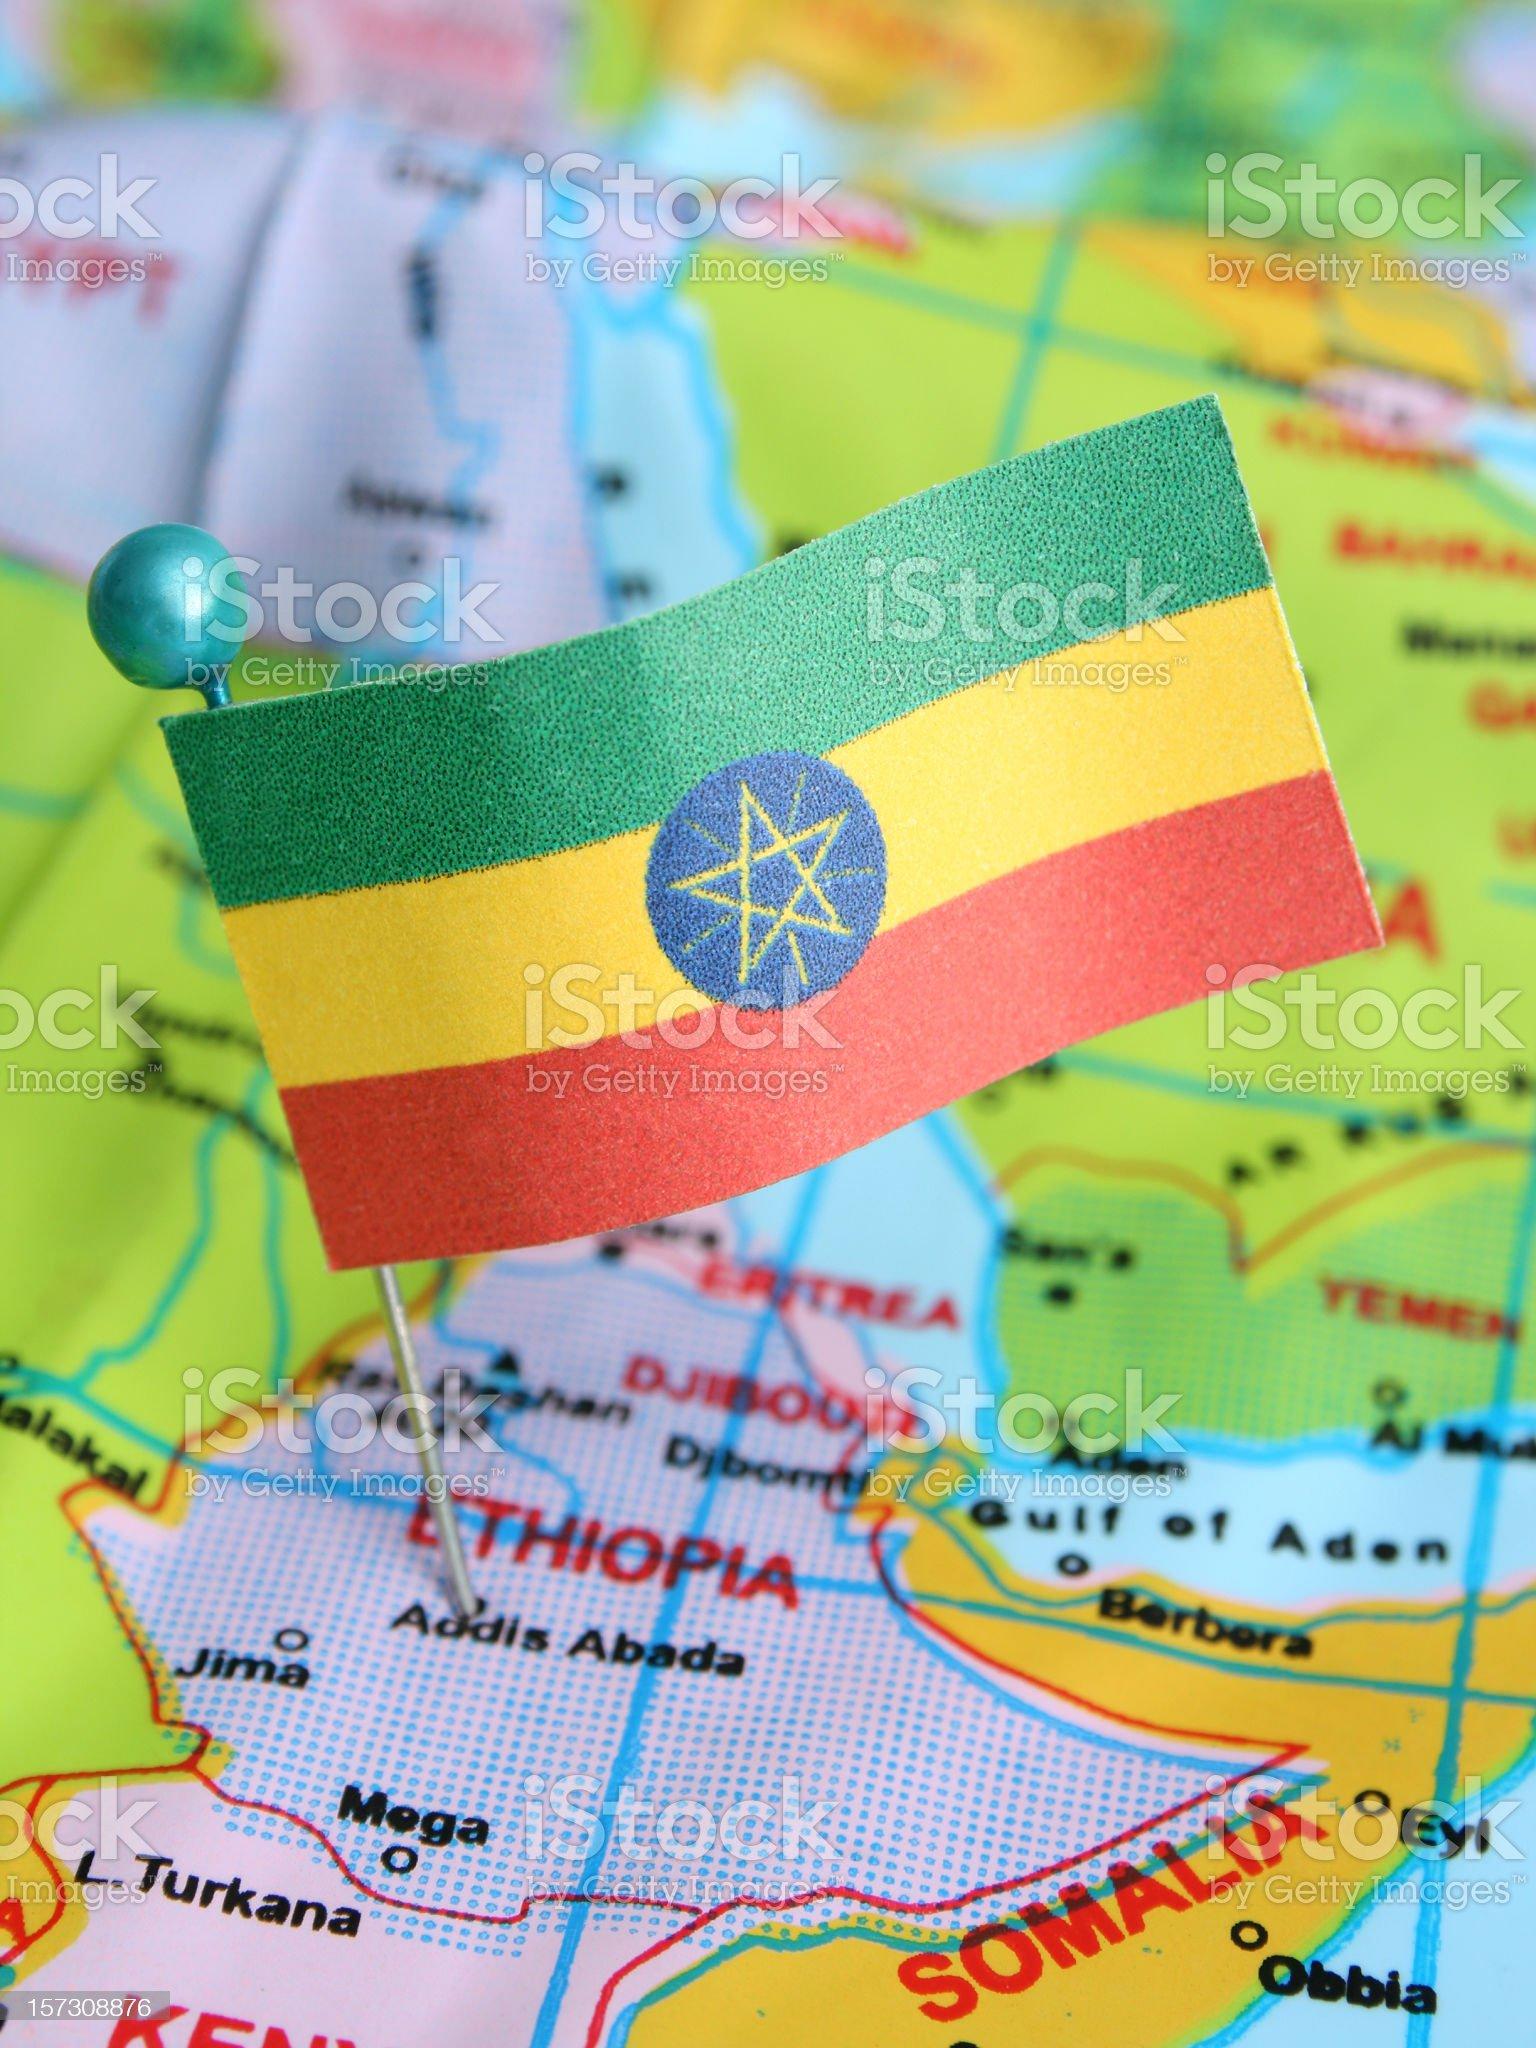 Ethiopia royalty-free stock photo